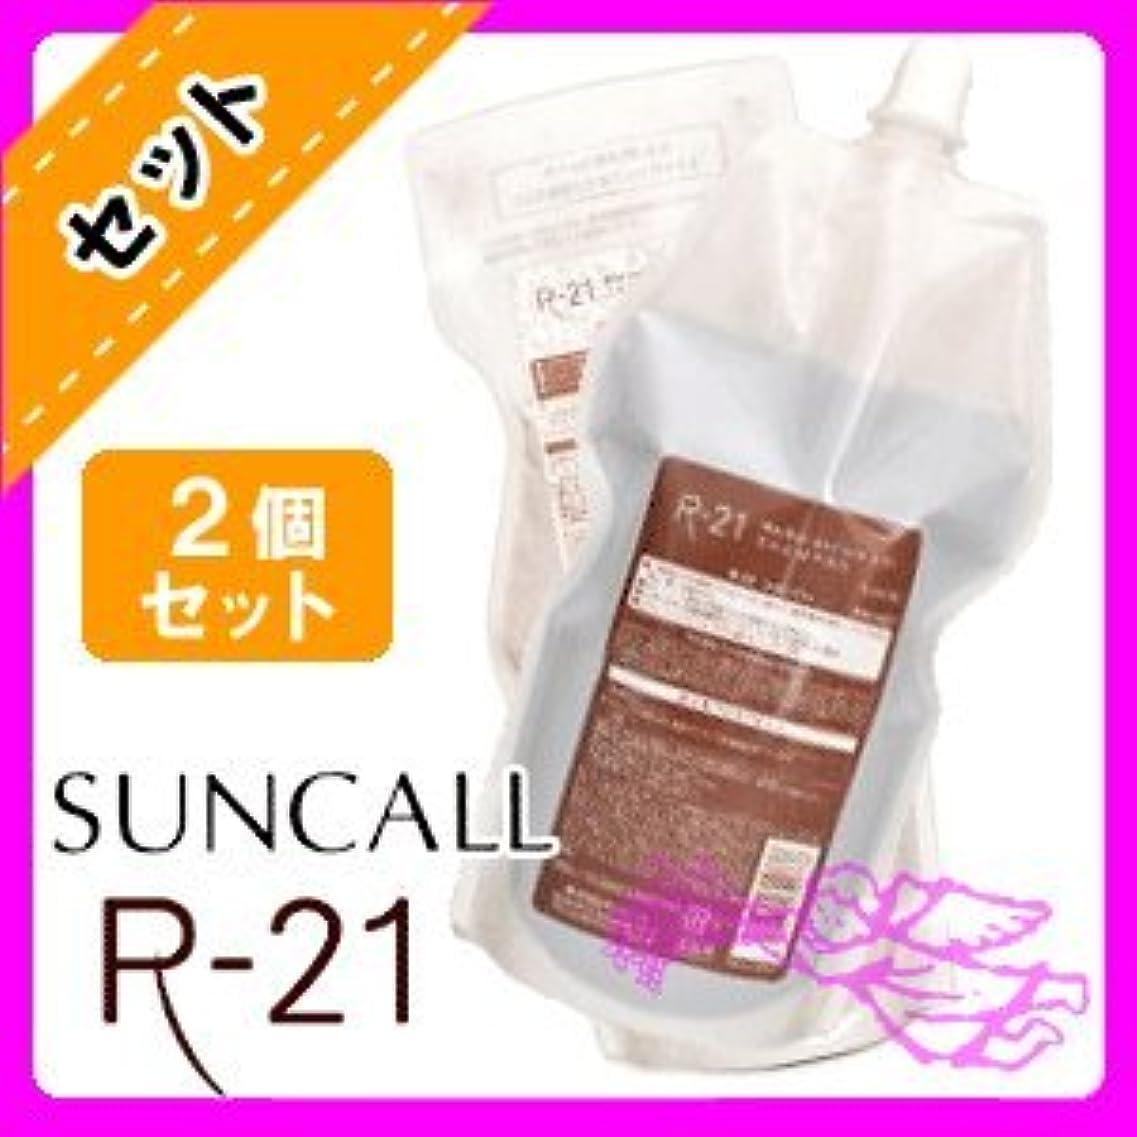 説教する肥沃なネクタイサンコール R-21 シャンプー 700mL × 2個 セット & トリートメント 700g × 2個 セット 詰め替え用 セット 頭皮の汚れを除去し、髪にハリ?コシを与えます SUNCALL R-21